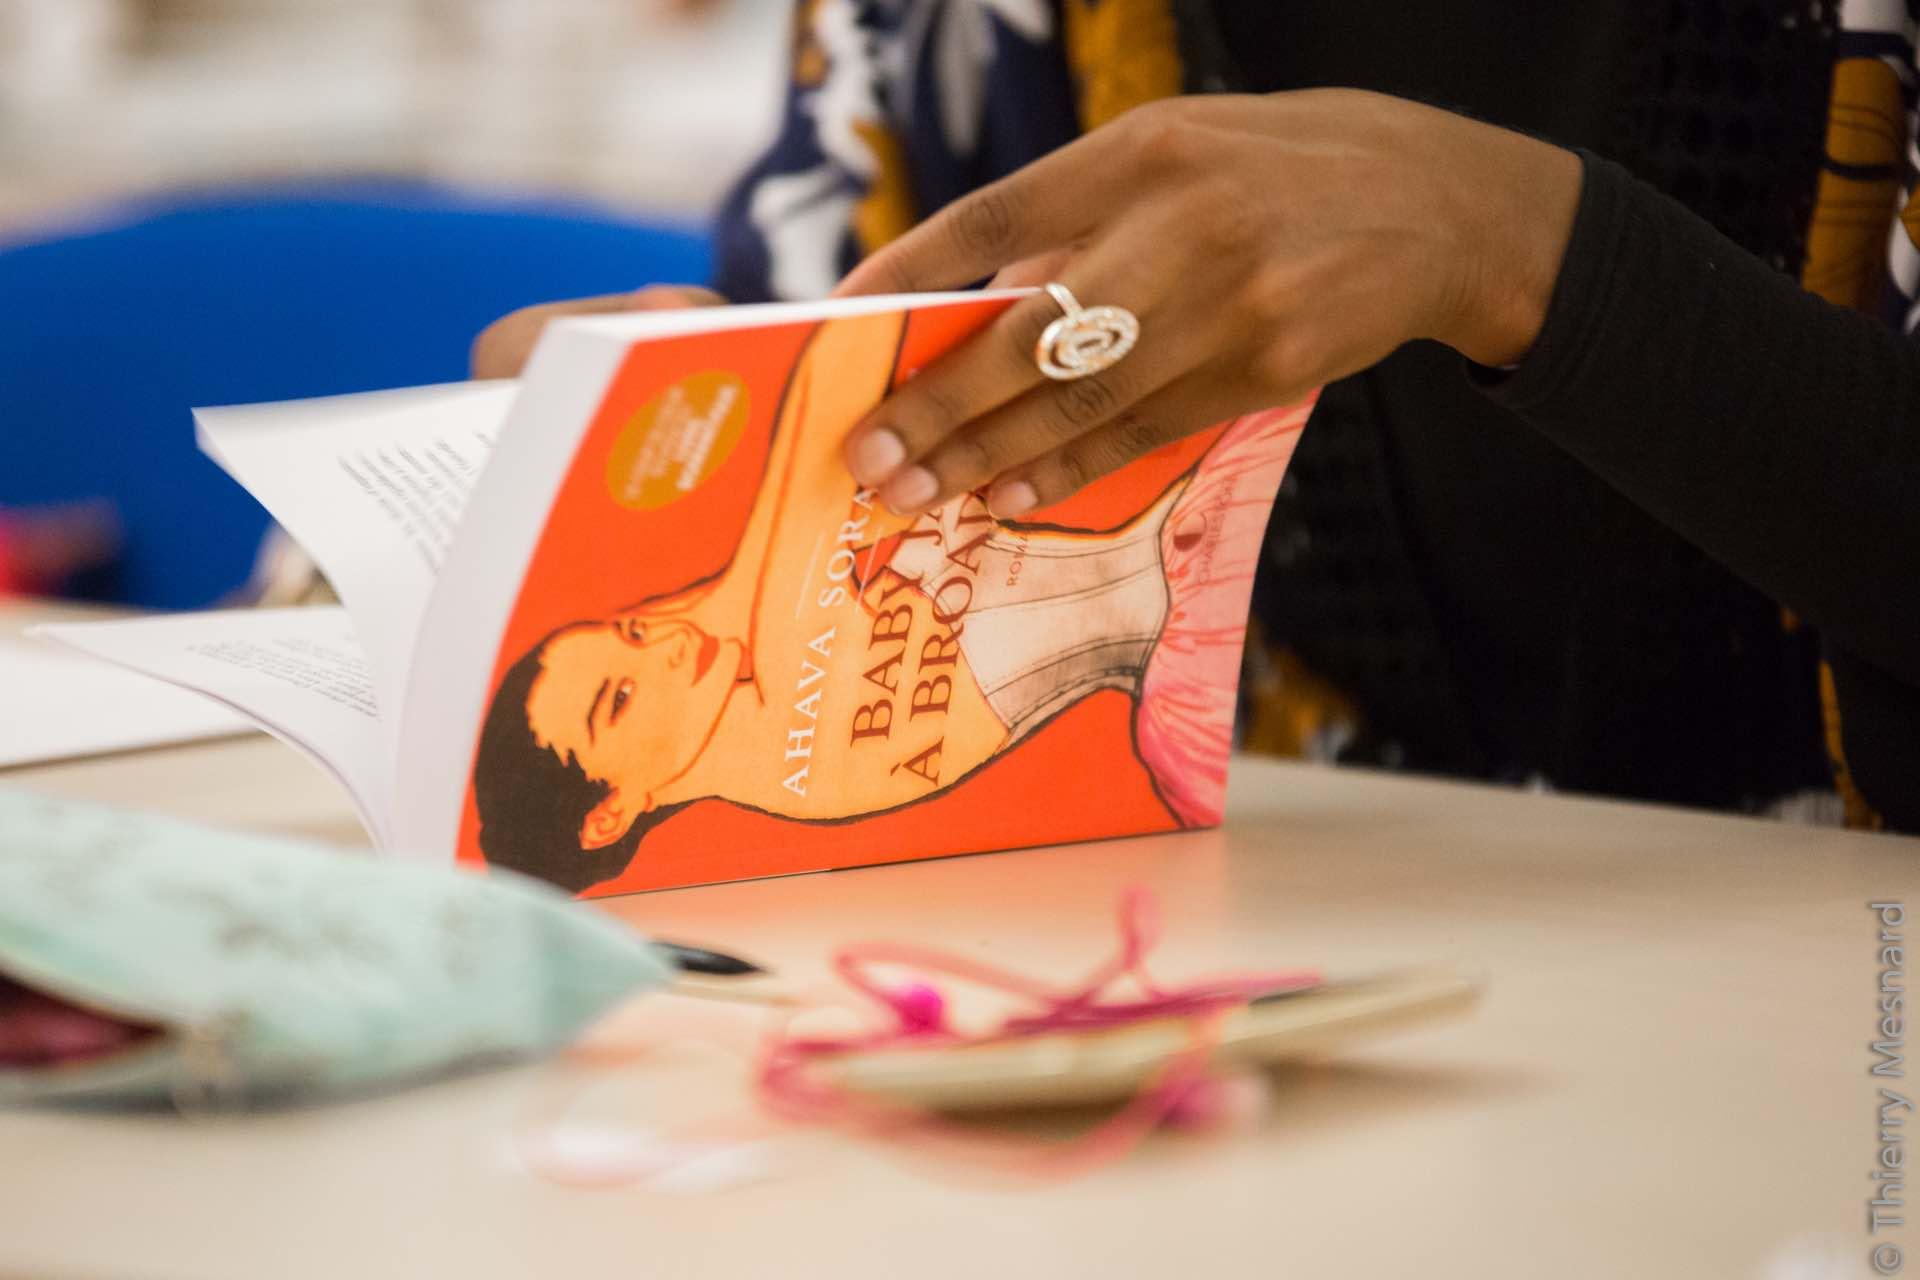 Le roman à lire pour ces championnats de france de lecture rapide